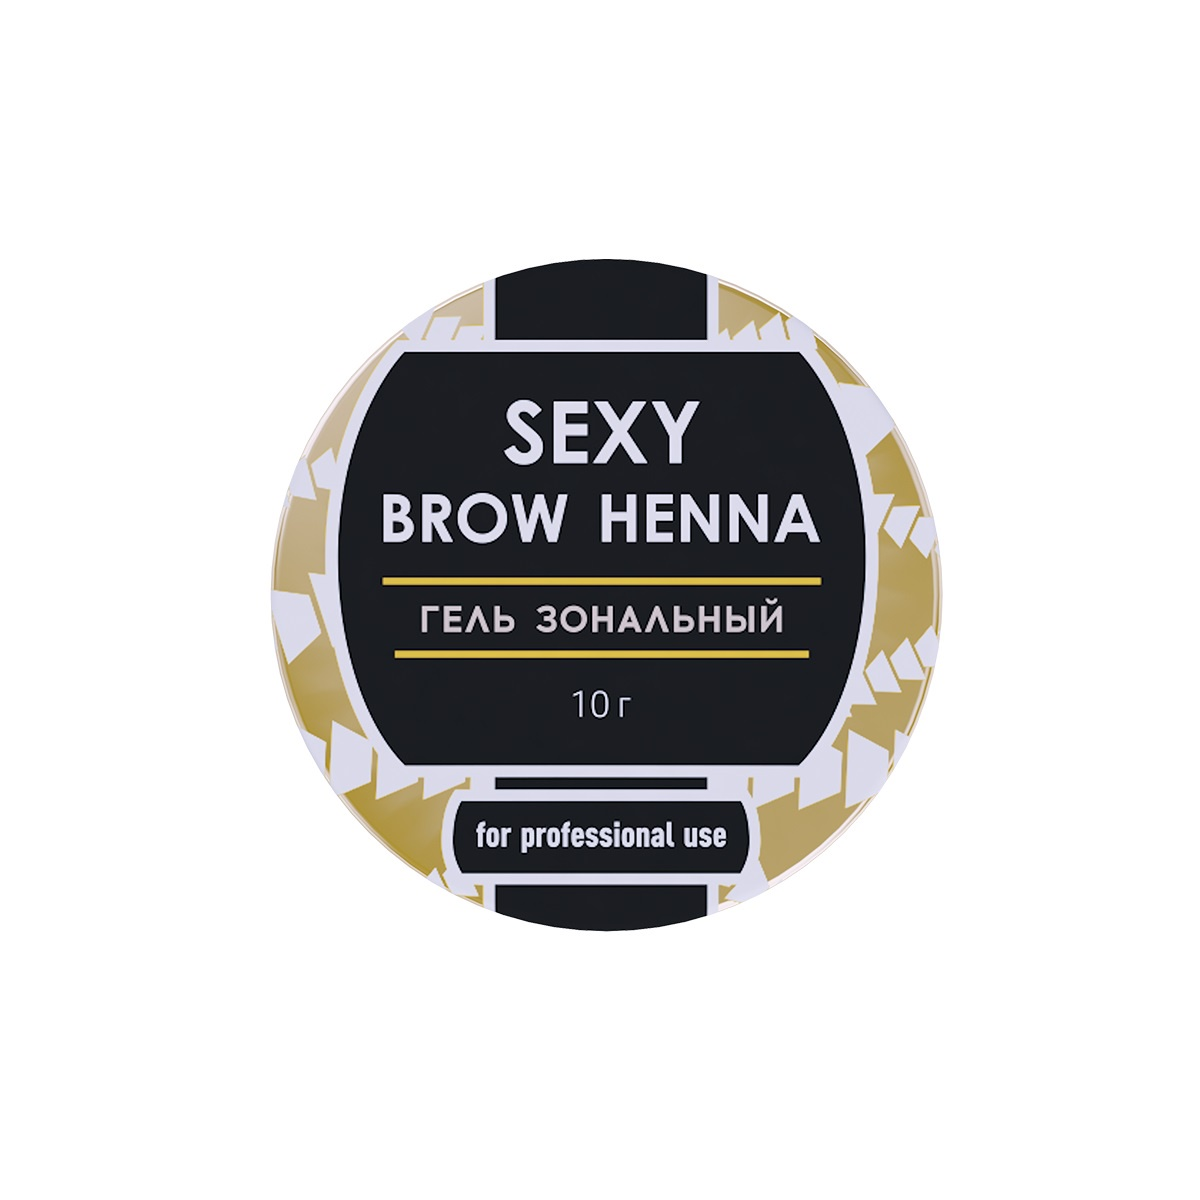 Гель зональный SEXY BROW HENNA, 10г sexy brow henna зональный гель 10 г